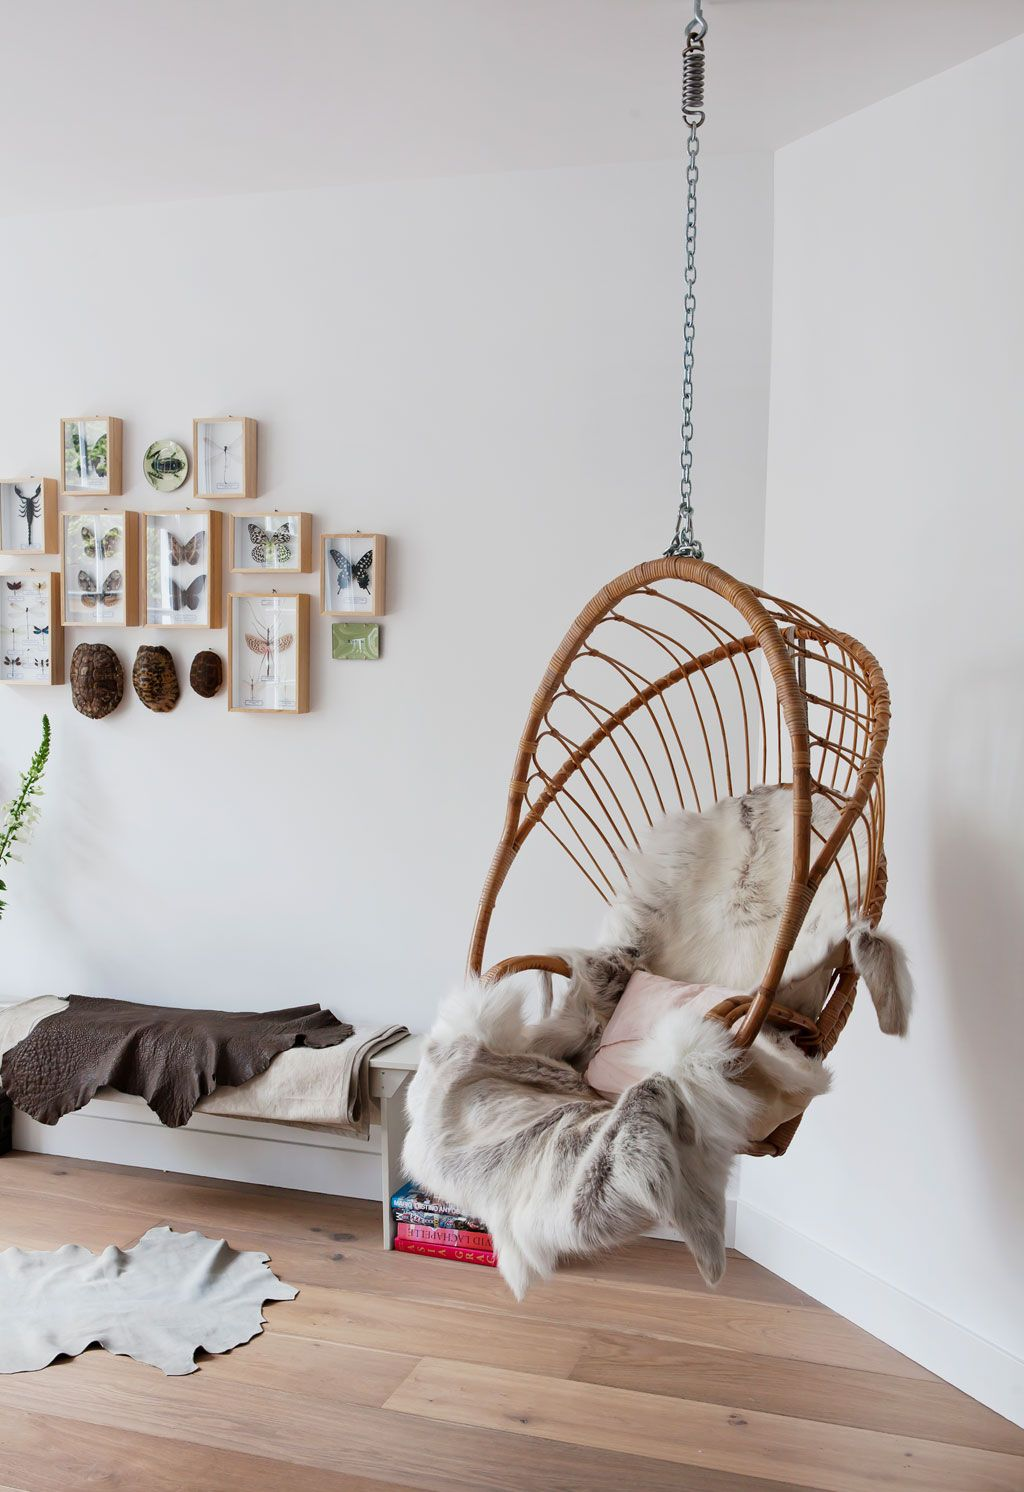 Schommelstoel Aan Het Plafond.Wie Wil Dat Nou Niet Zo N Schommelstoel Aan Het Plafond